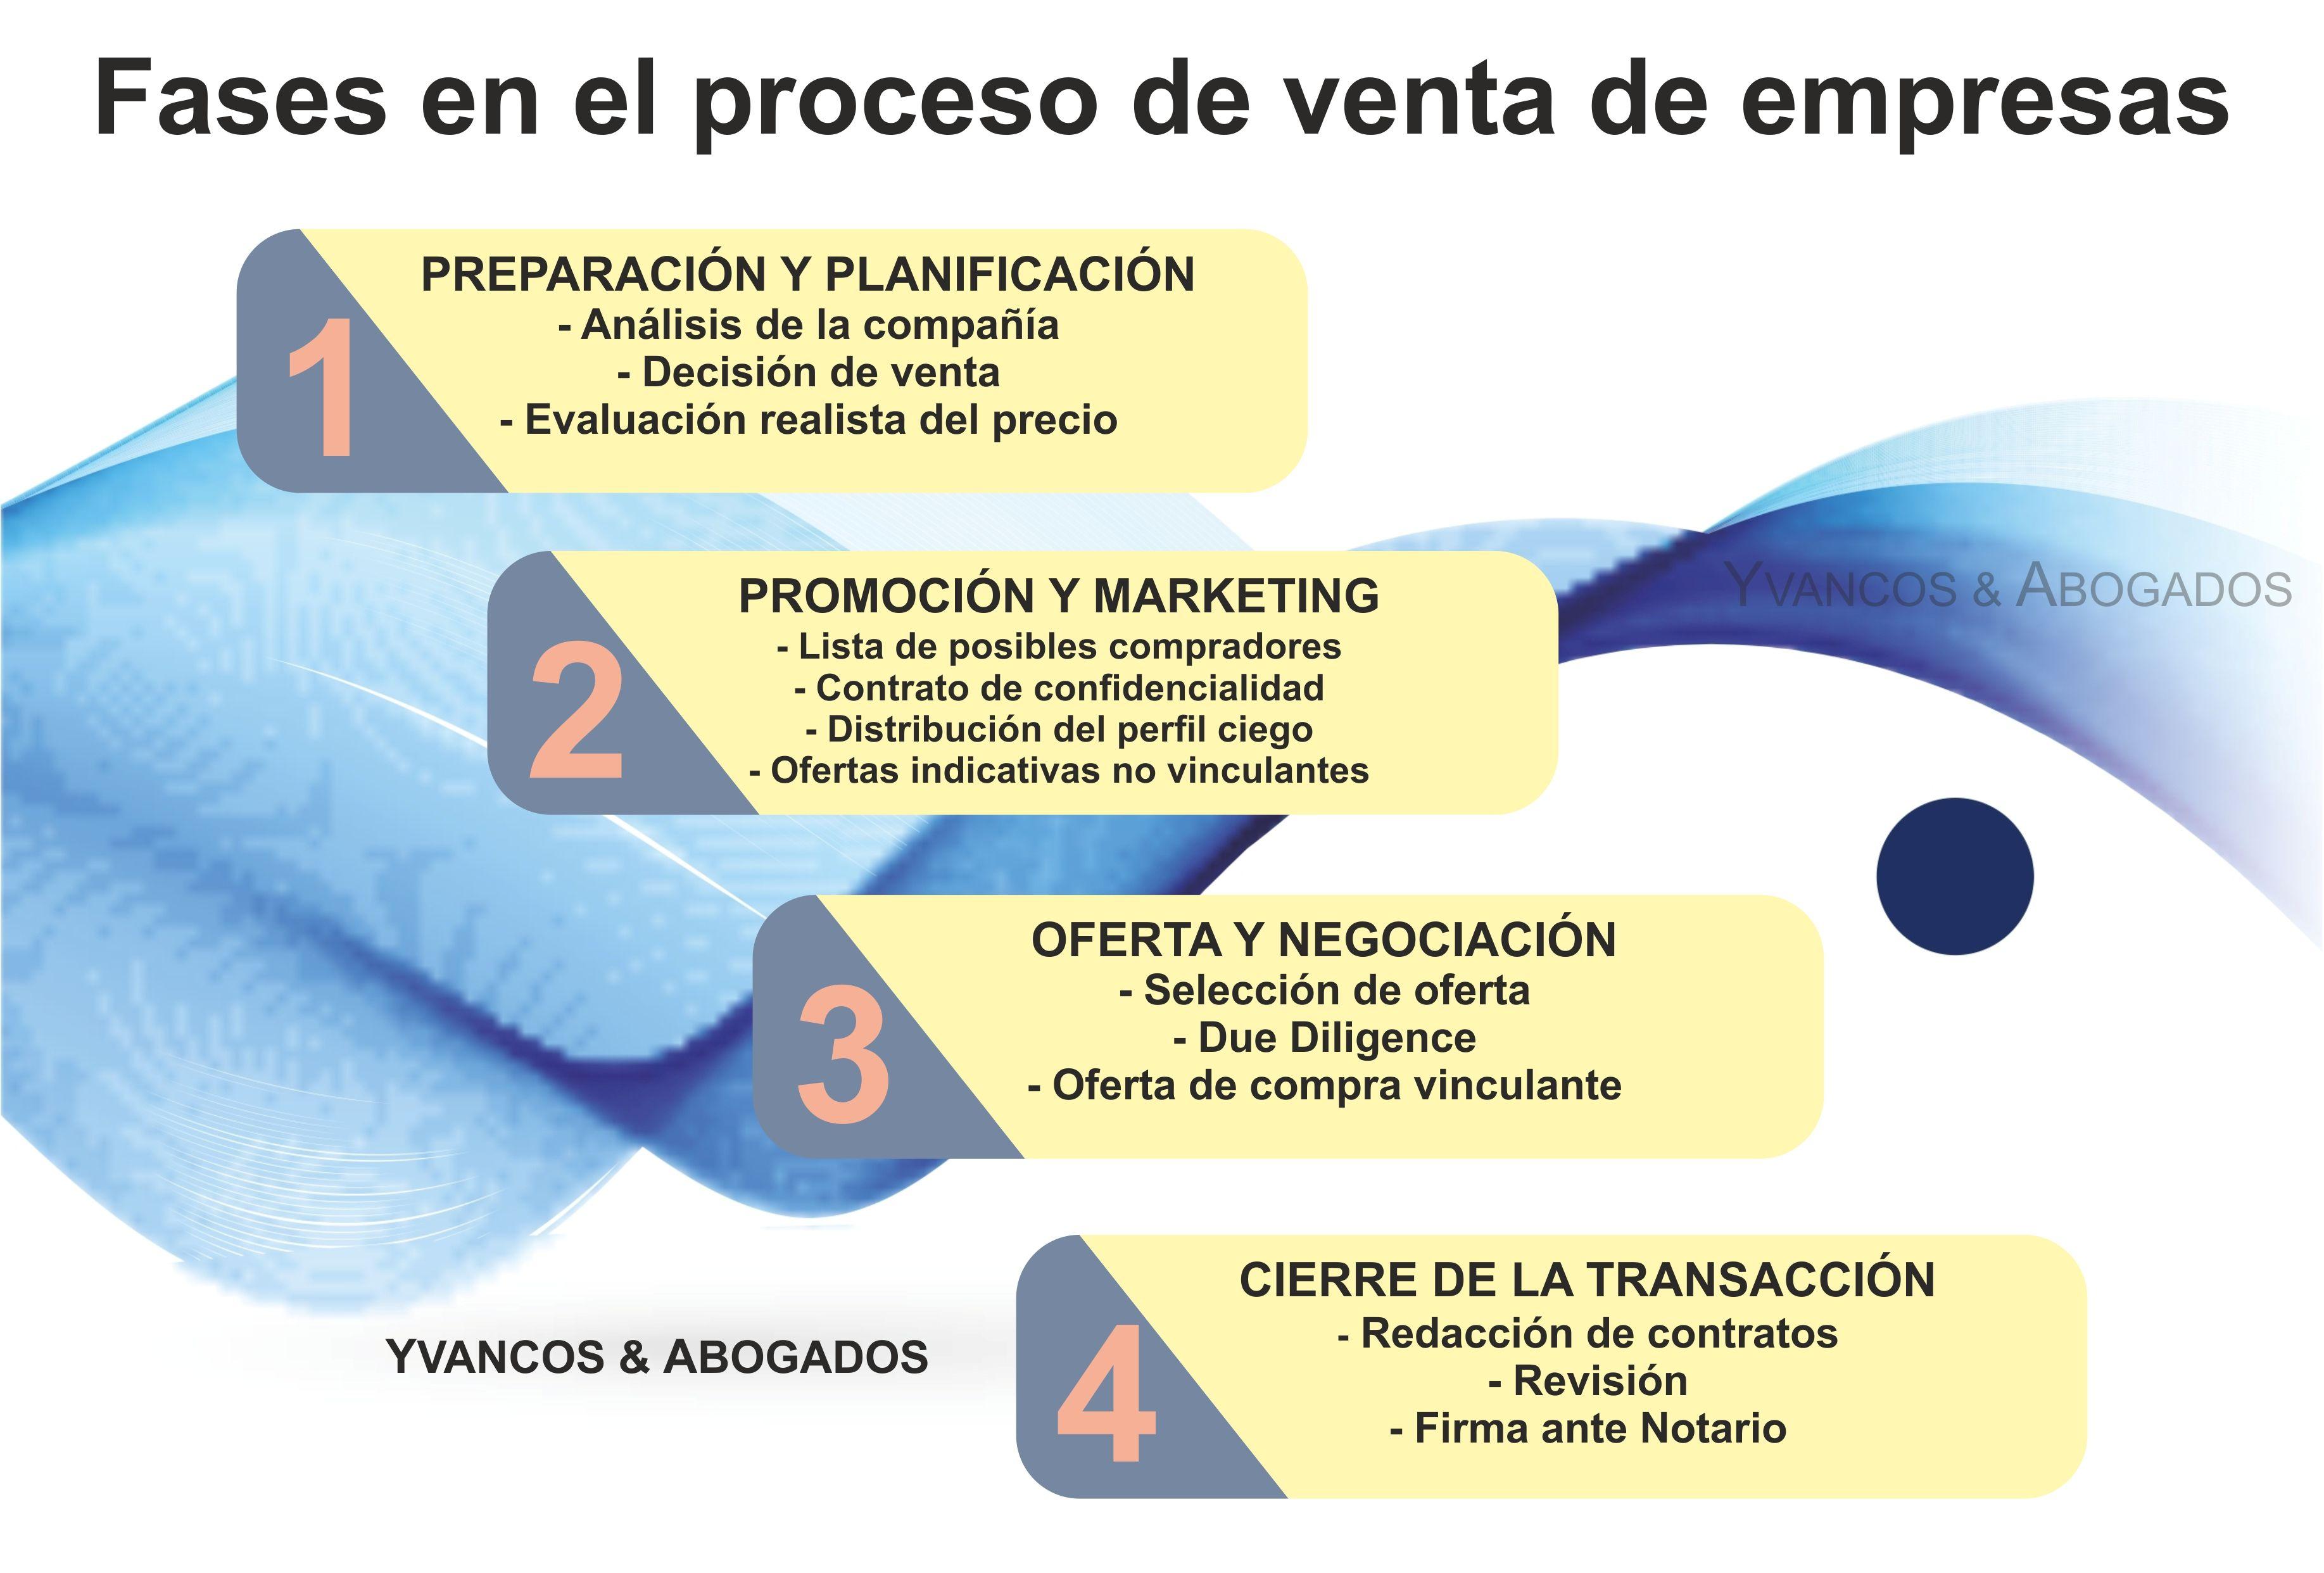 Fases en el proceso de venta de empresas